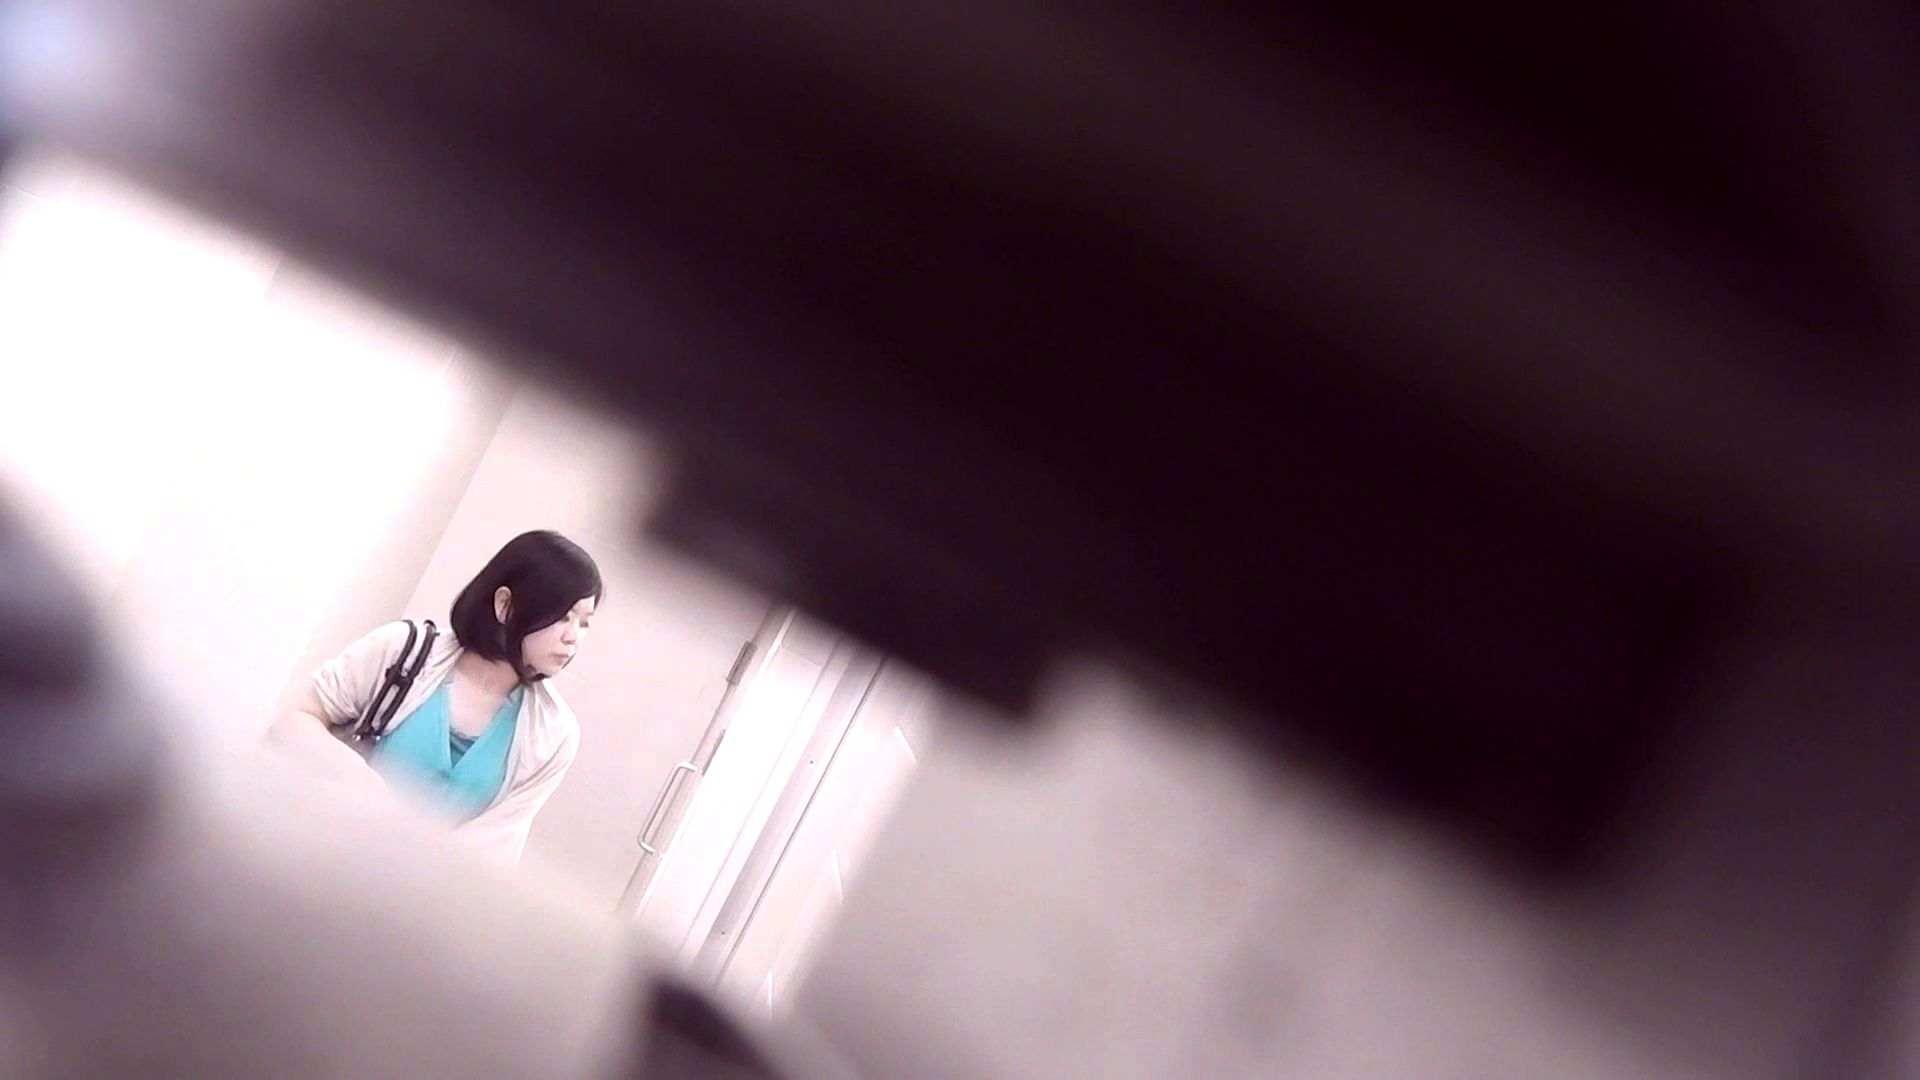 vol.16 命がけ潜伏洗面所! 美女たっぷり!! エロティックなOL  106画像 55